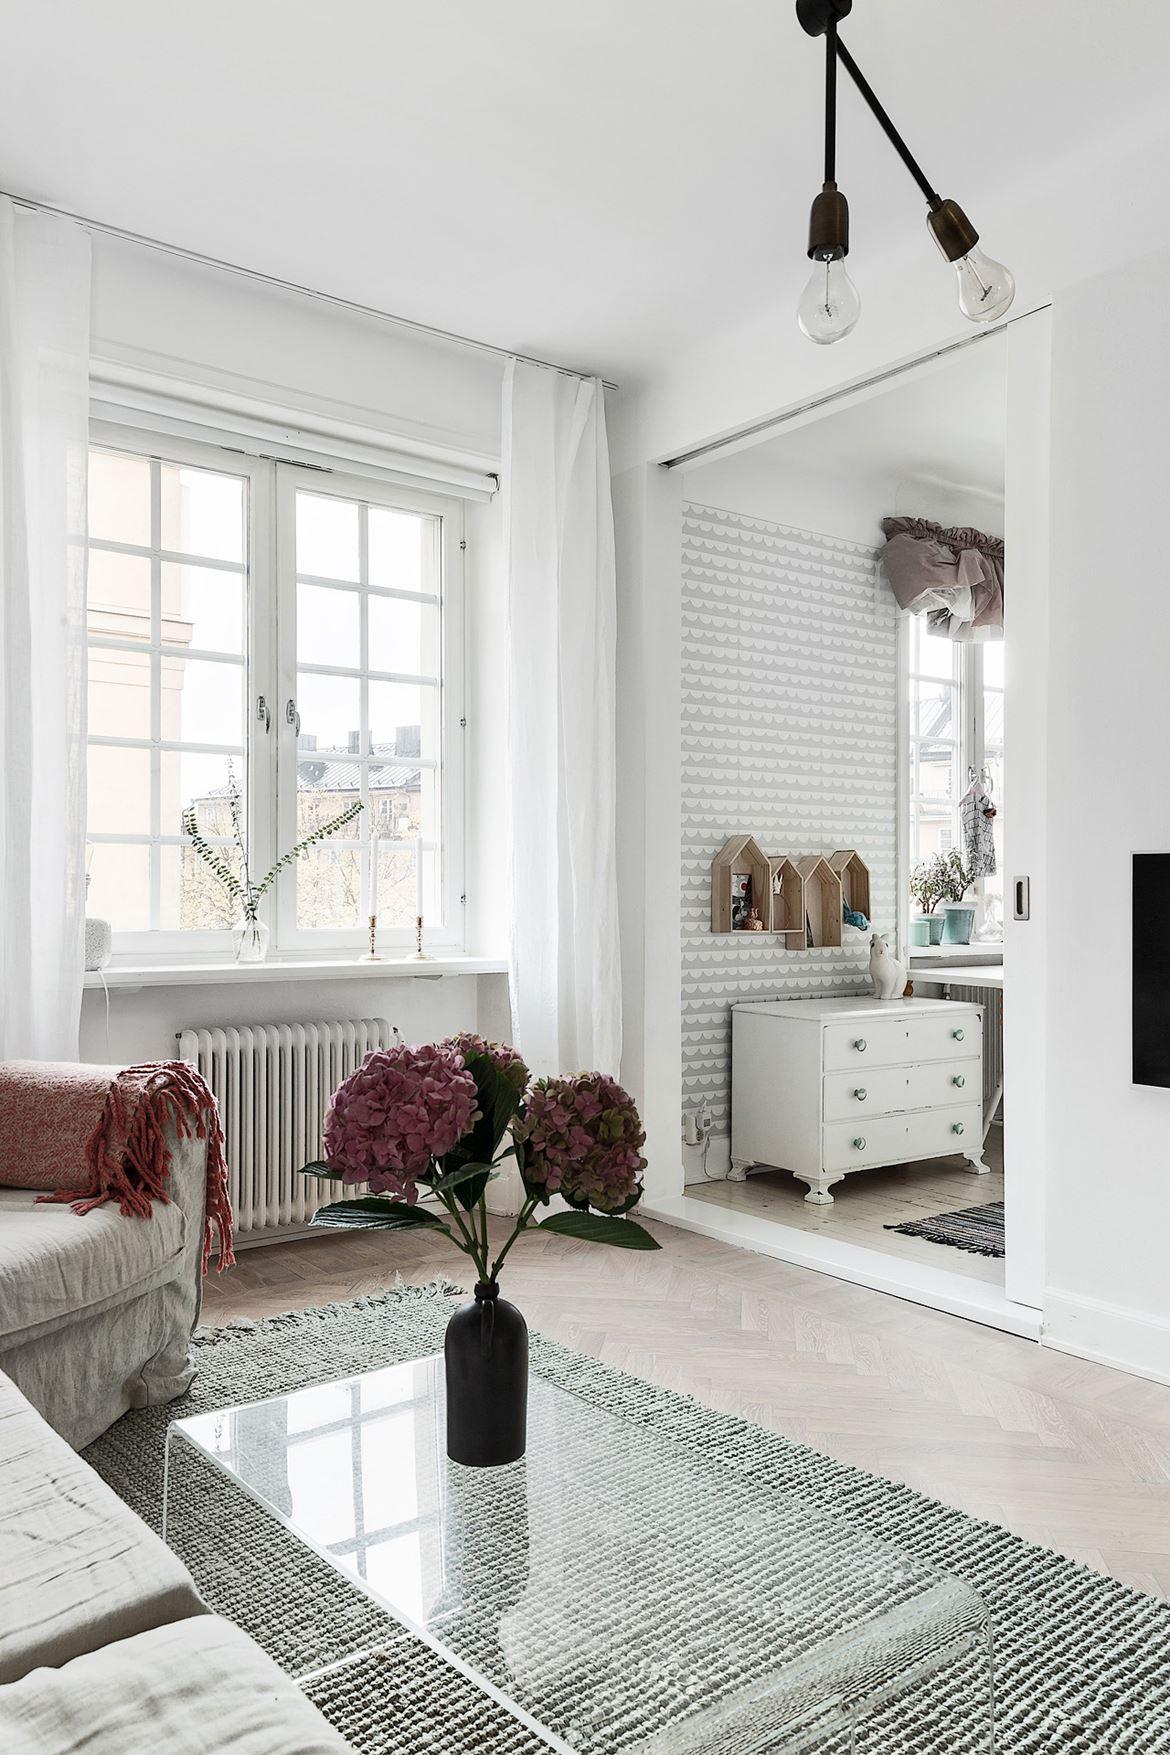 Si a colgar la tele en la pared blog tienda decoraci n - Blog decoracion interiores ...